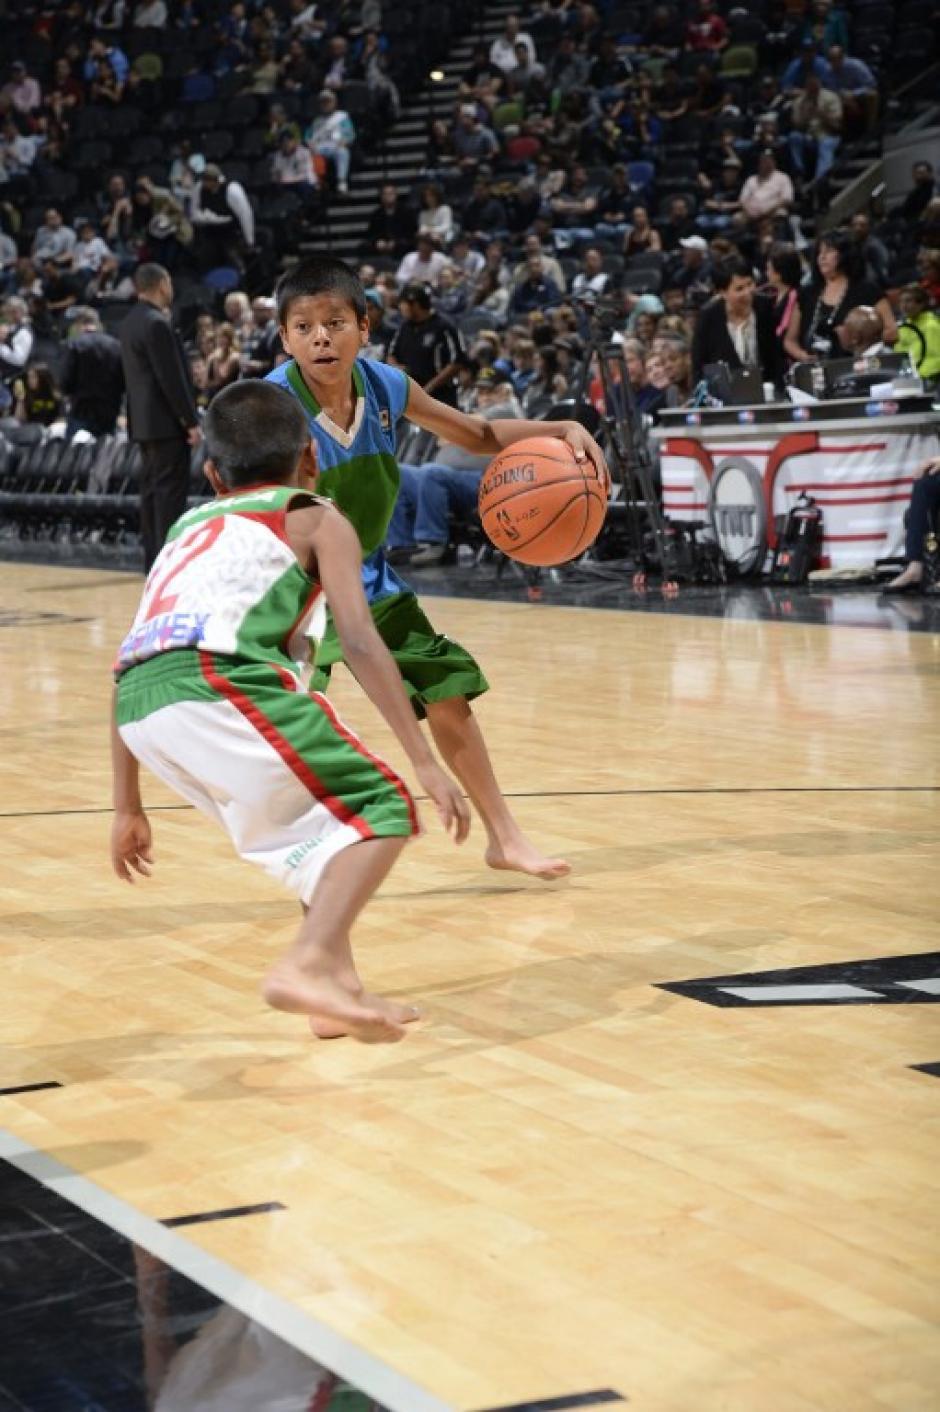 Los niños se hicieron famosos el año pasado por ganar un campeonato internacional en Argentina jugando descalzos